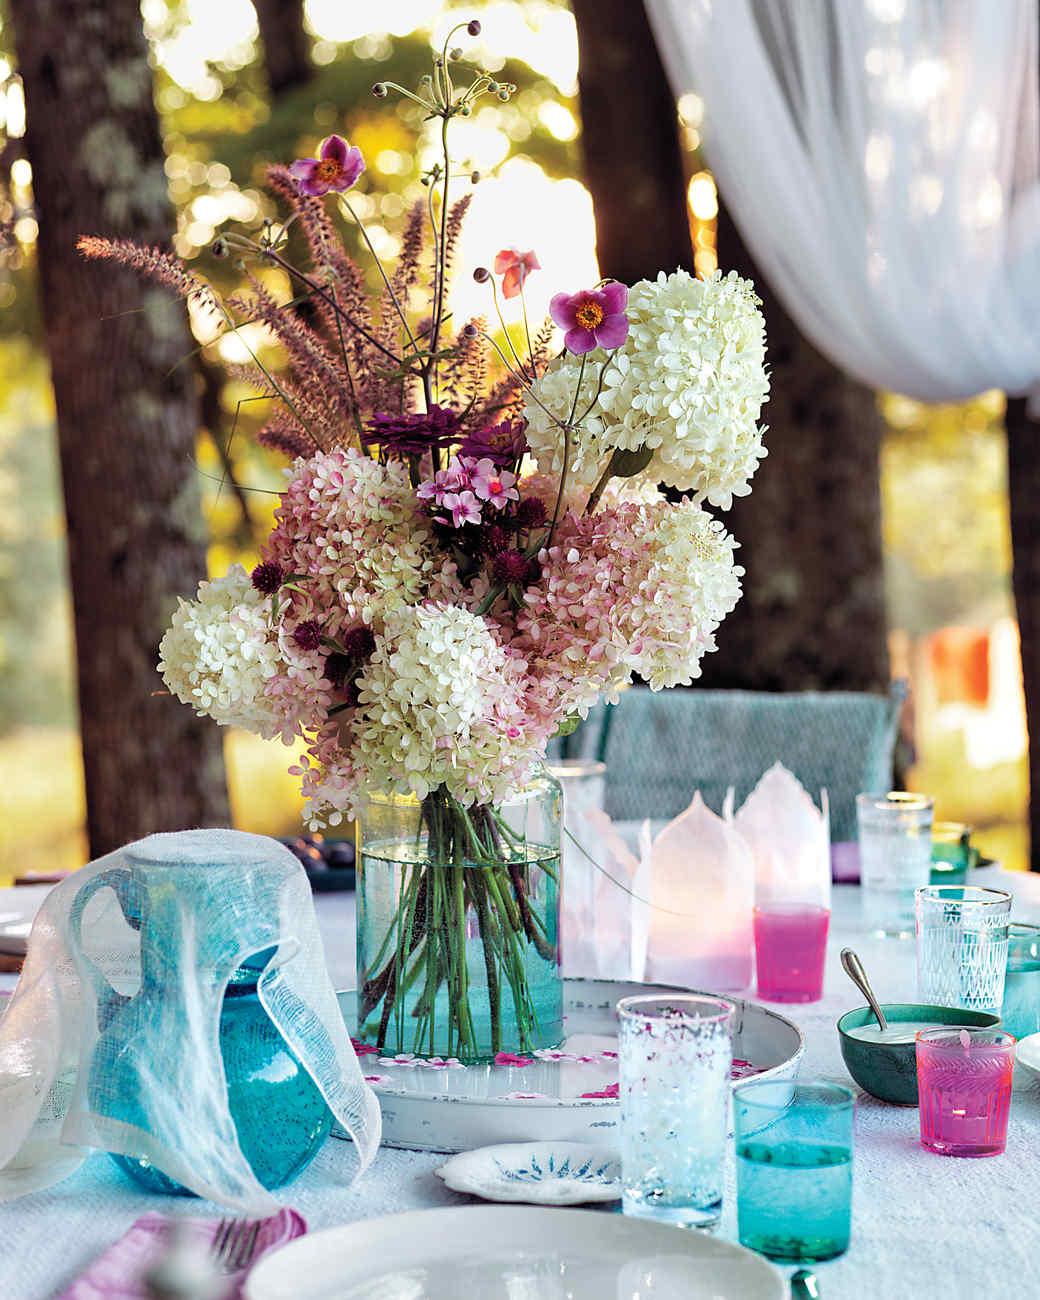 table-ee-summer-0430-md109287.jpg